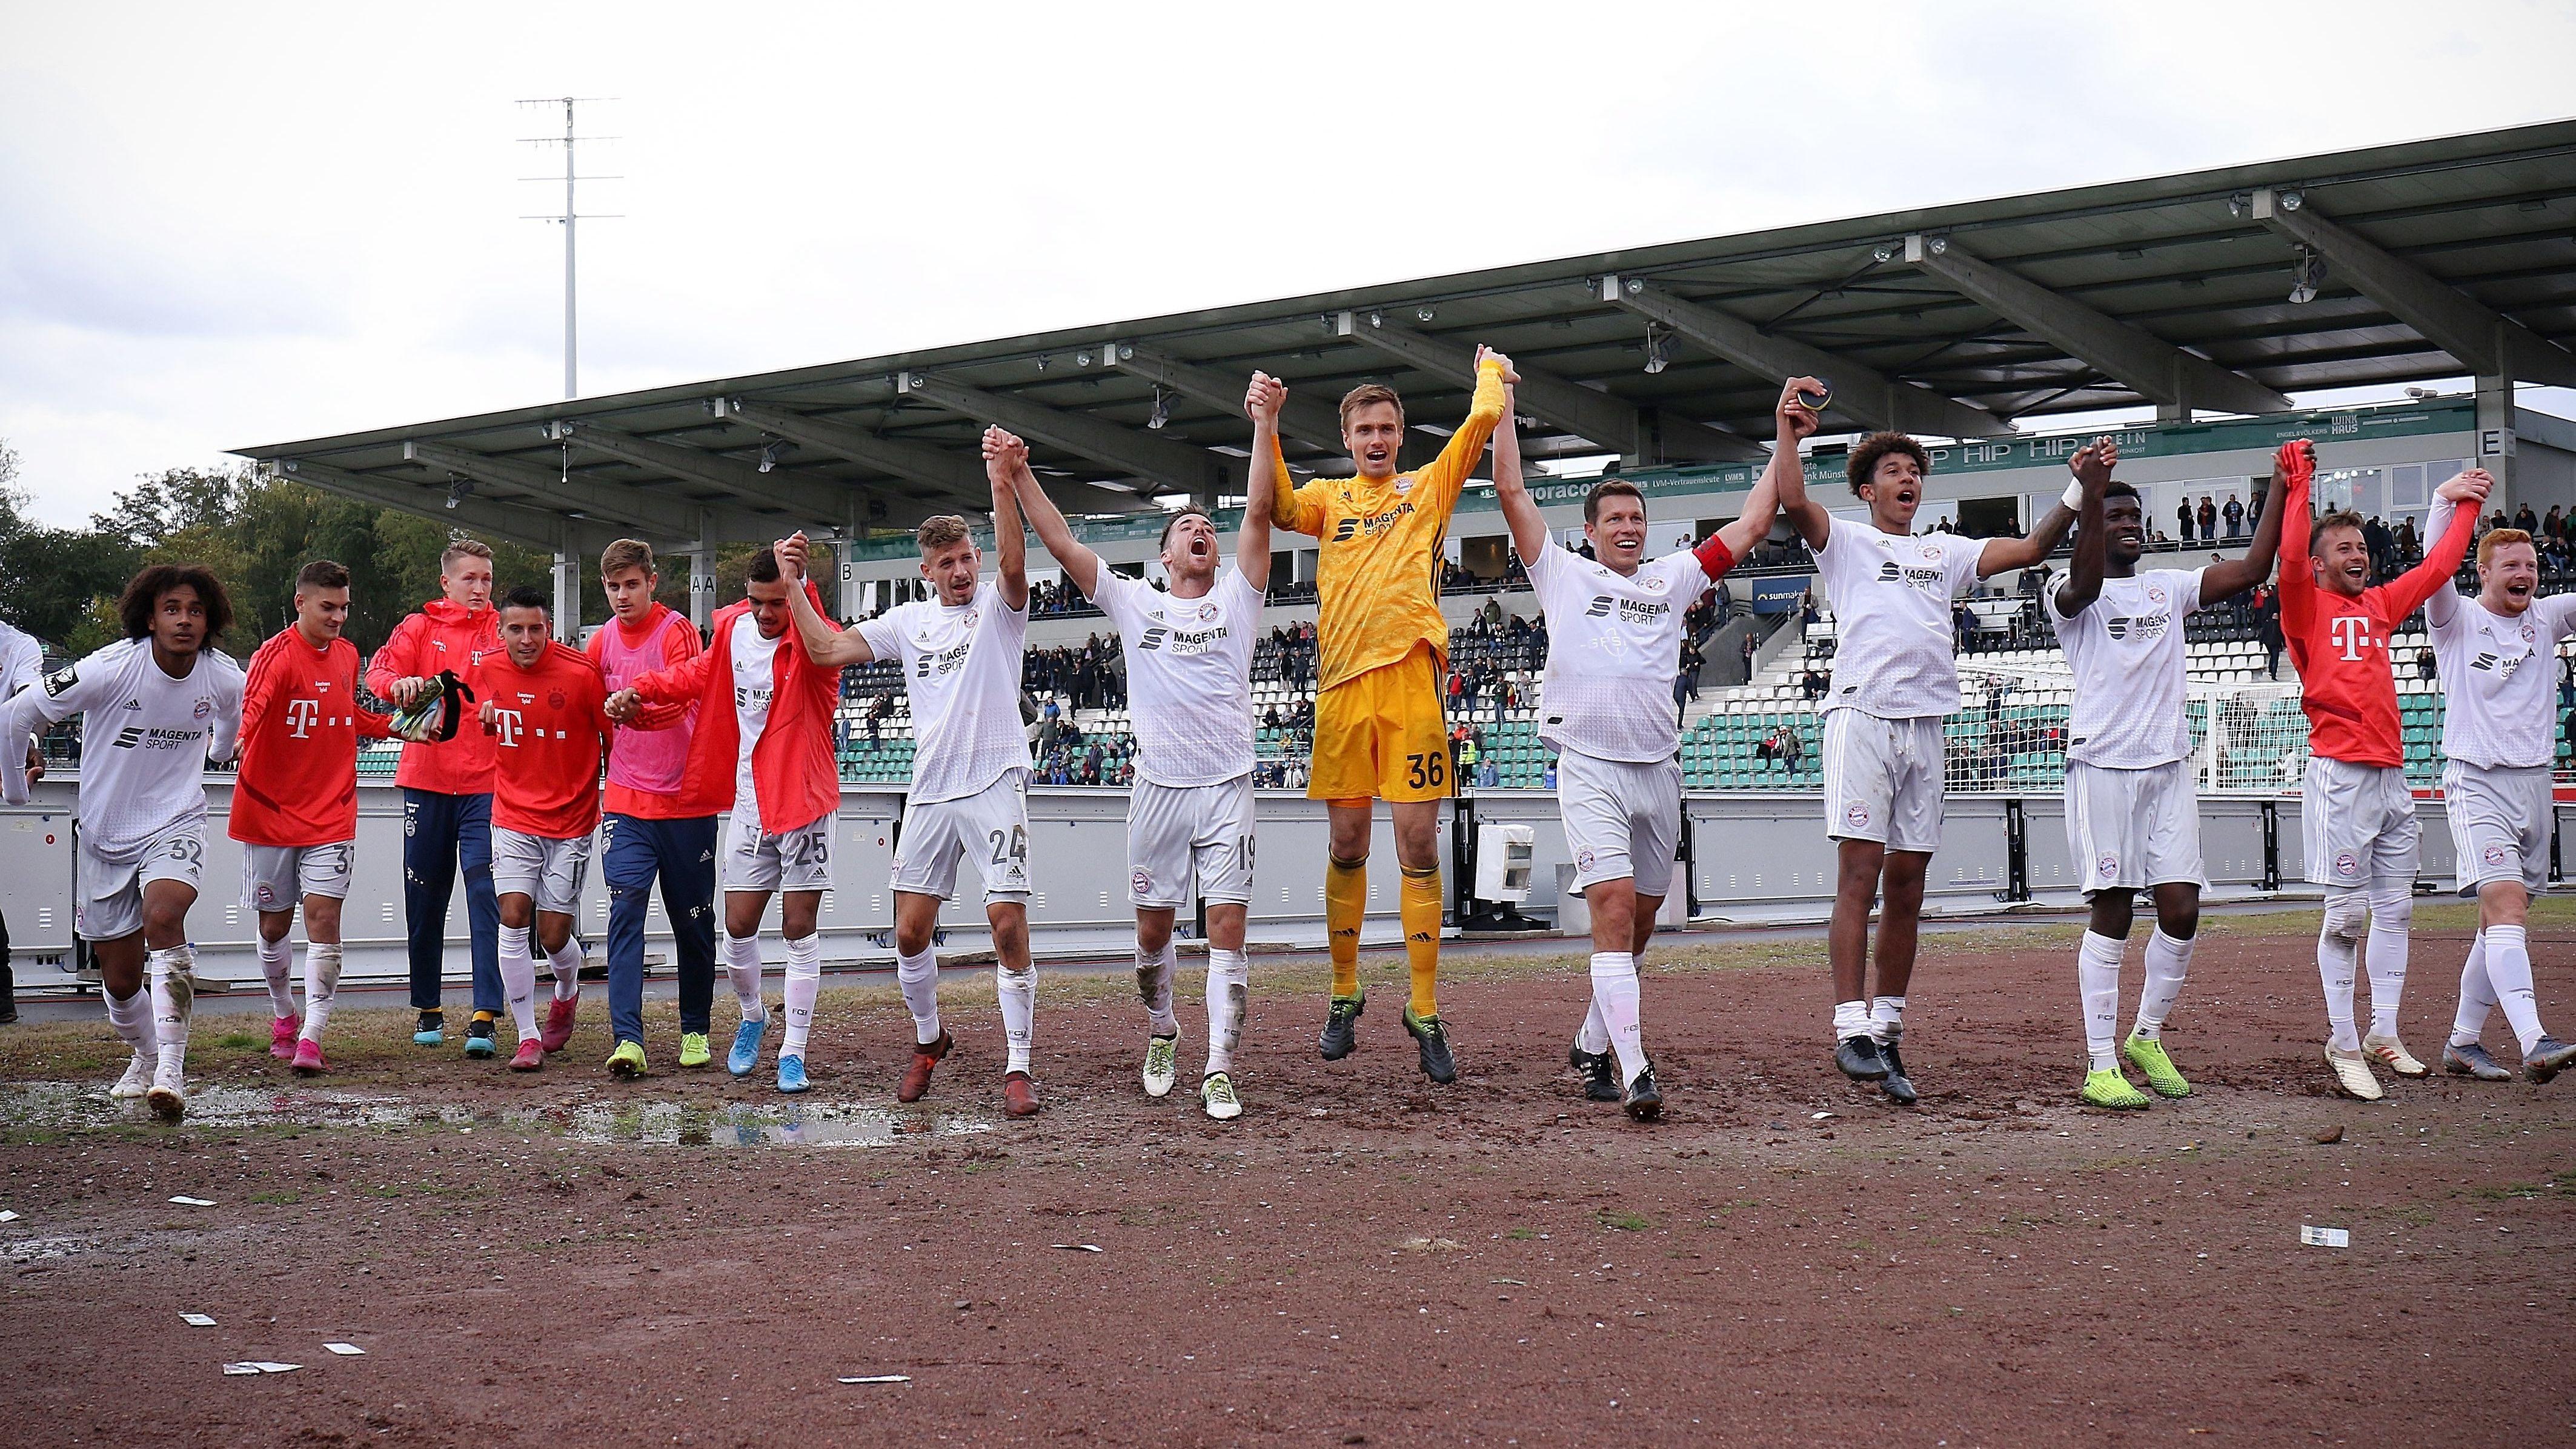 Jubelnde Bayernspieler nach dem Sieg in Münster